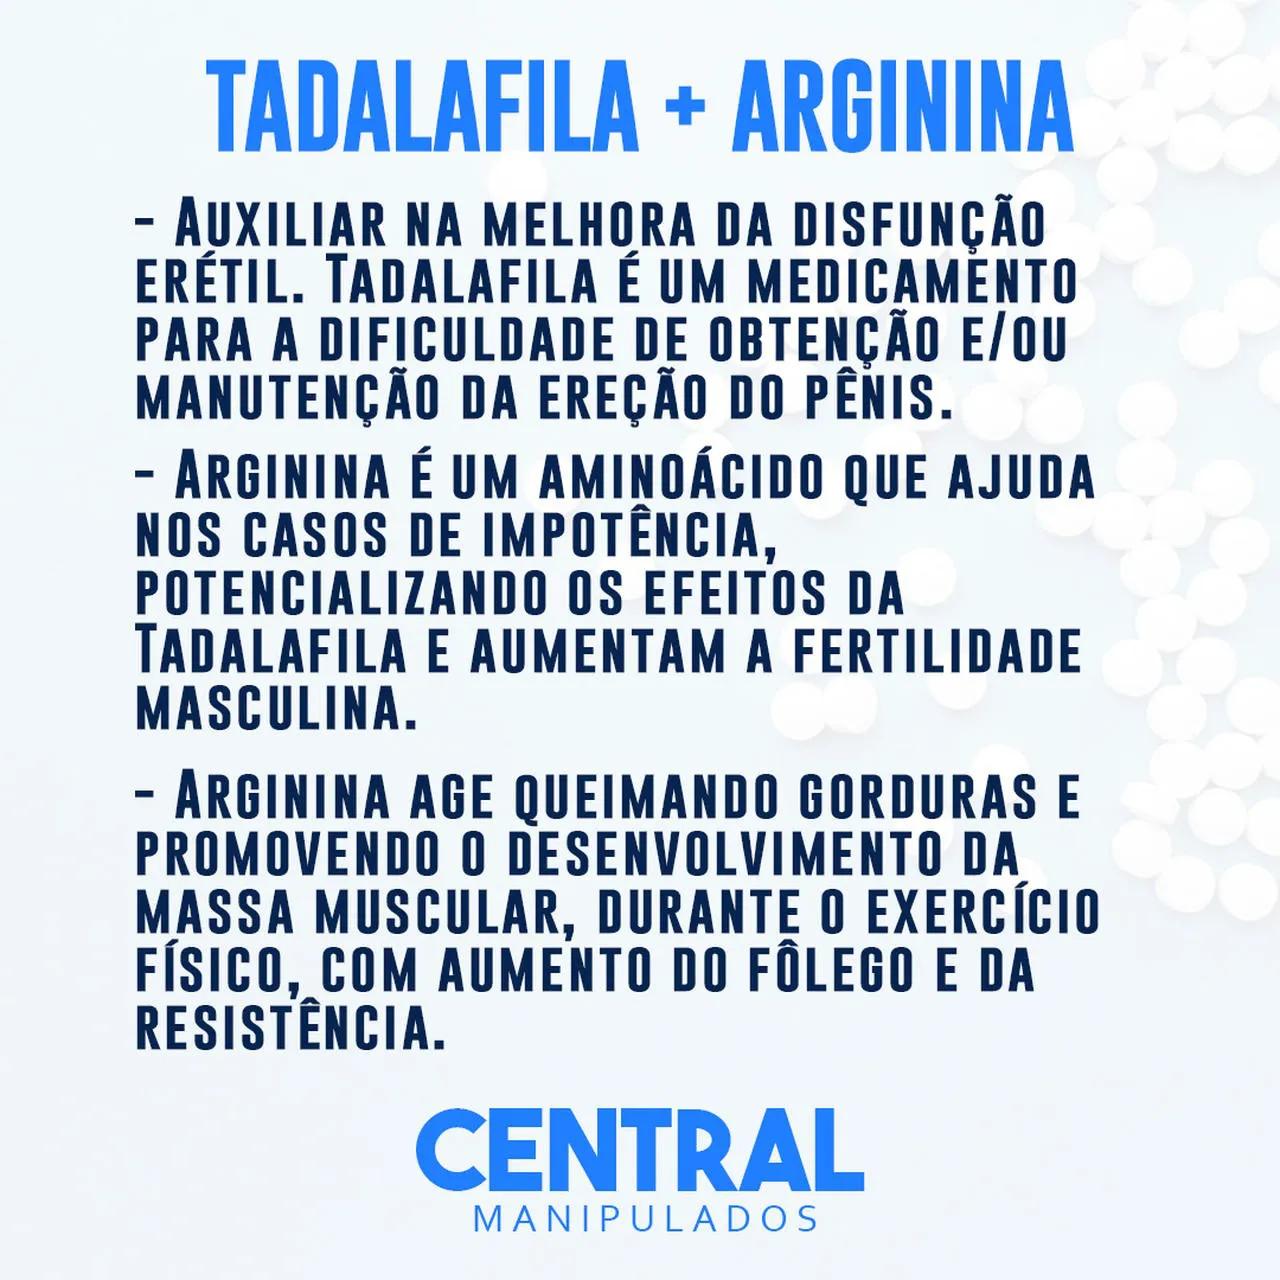 Tadalafila 20mg + Arginina 500mg - 180 Cápsulas